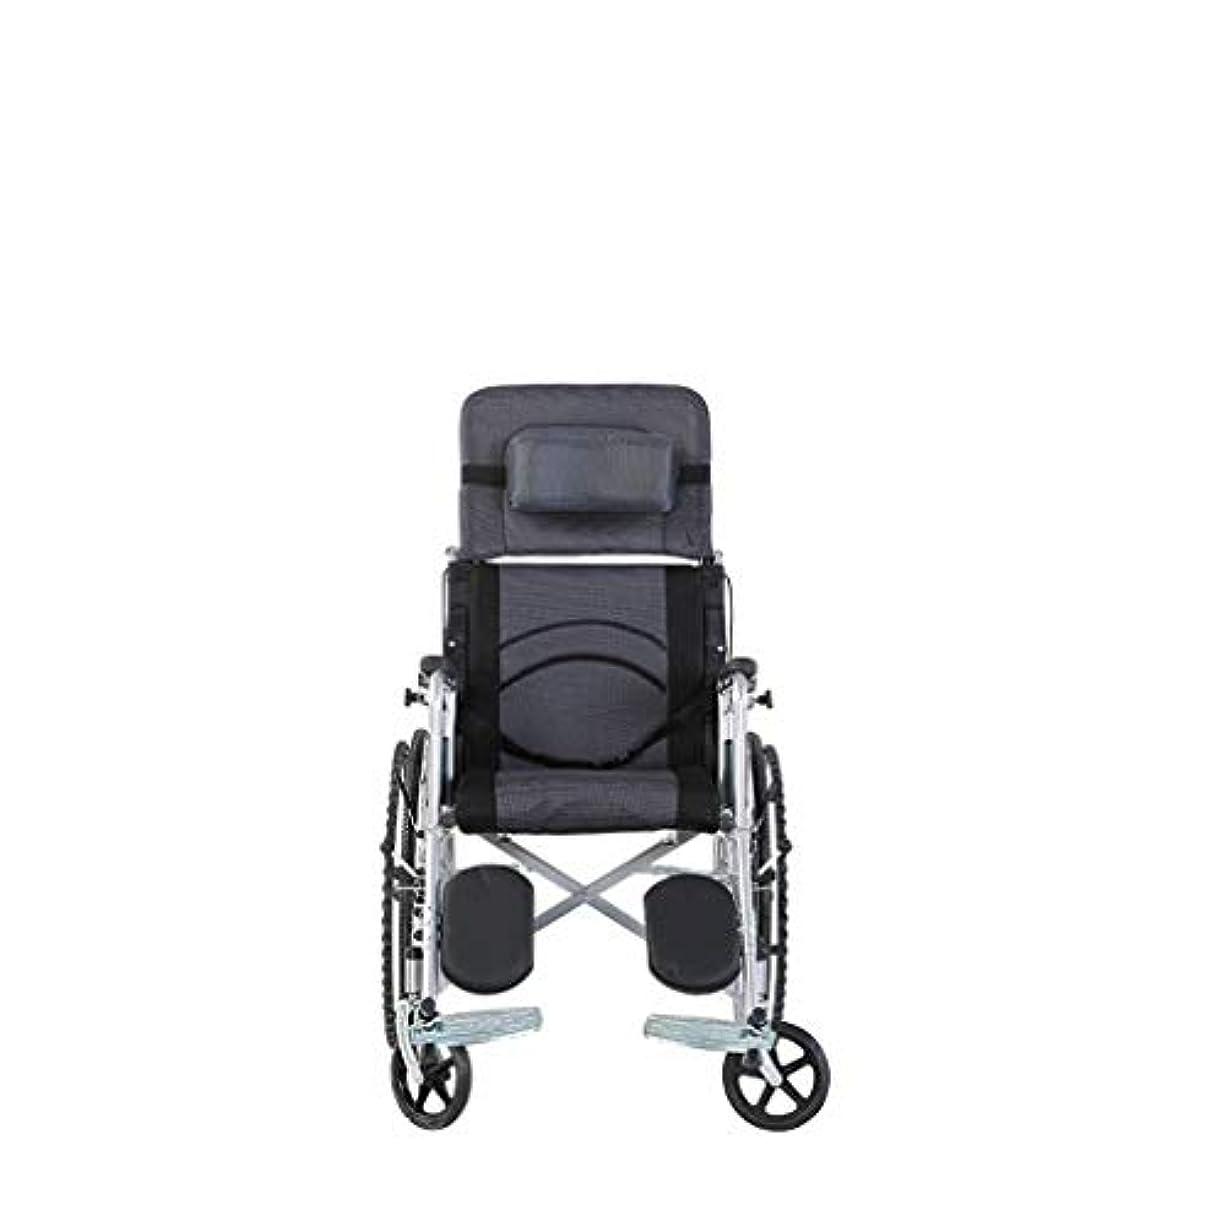 埋めるグローブエロチック車椅子折りたたみポータブル多目的車椅子、高齢者ポータブルトロリー、身体障害者用屋外車椅子